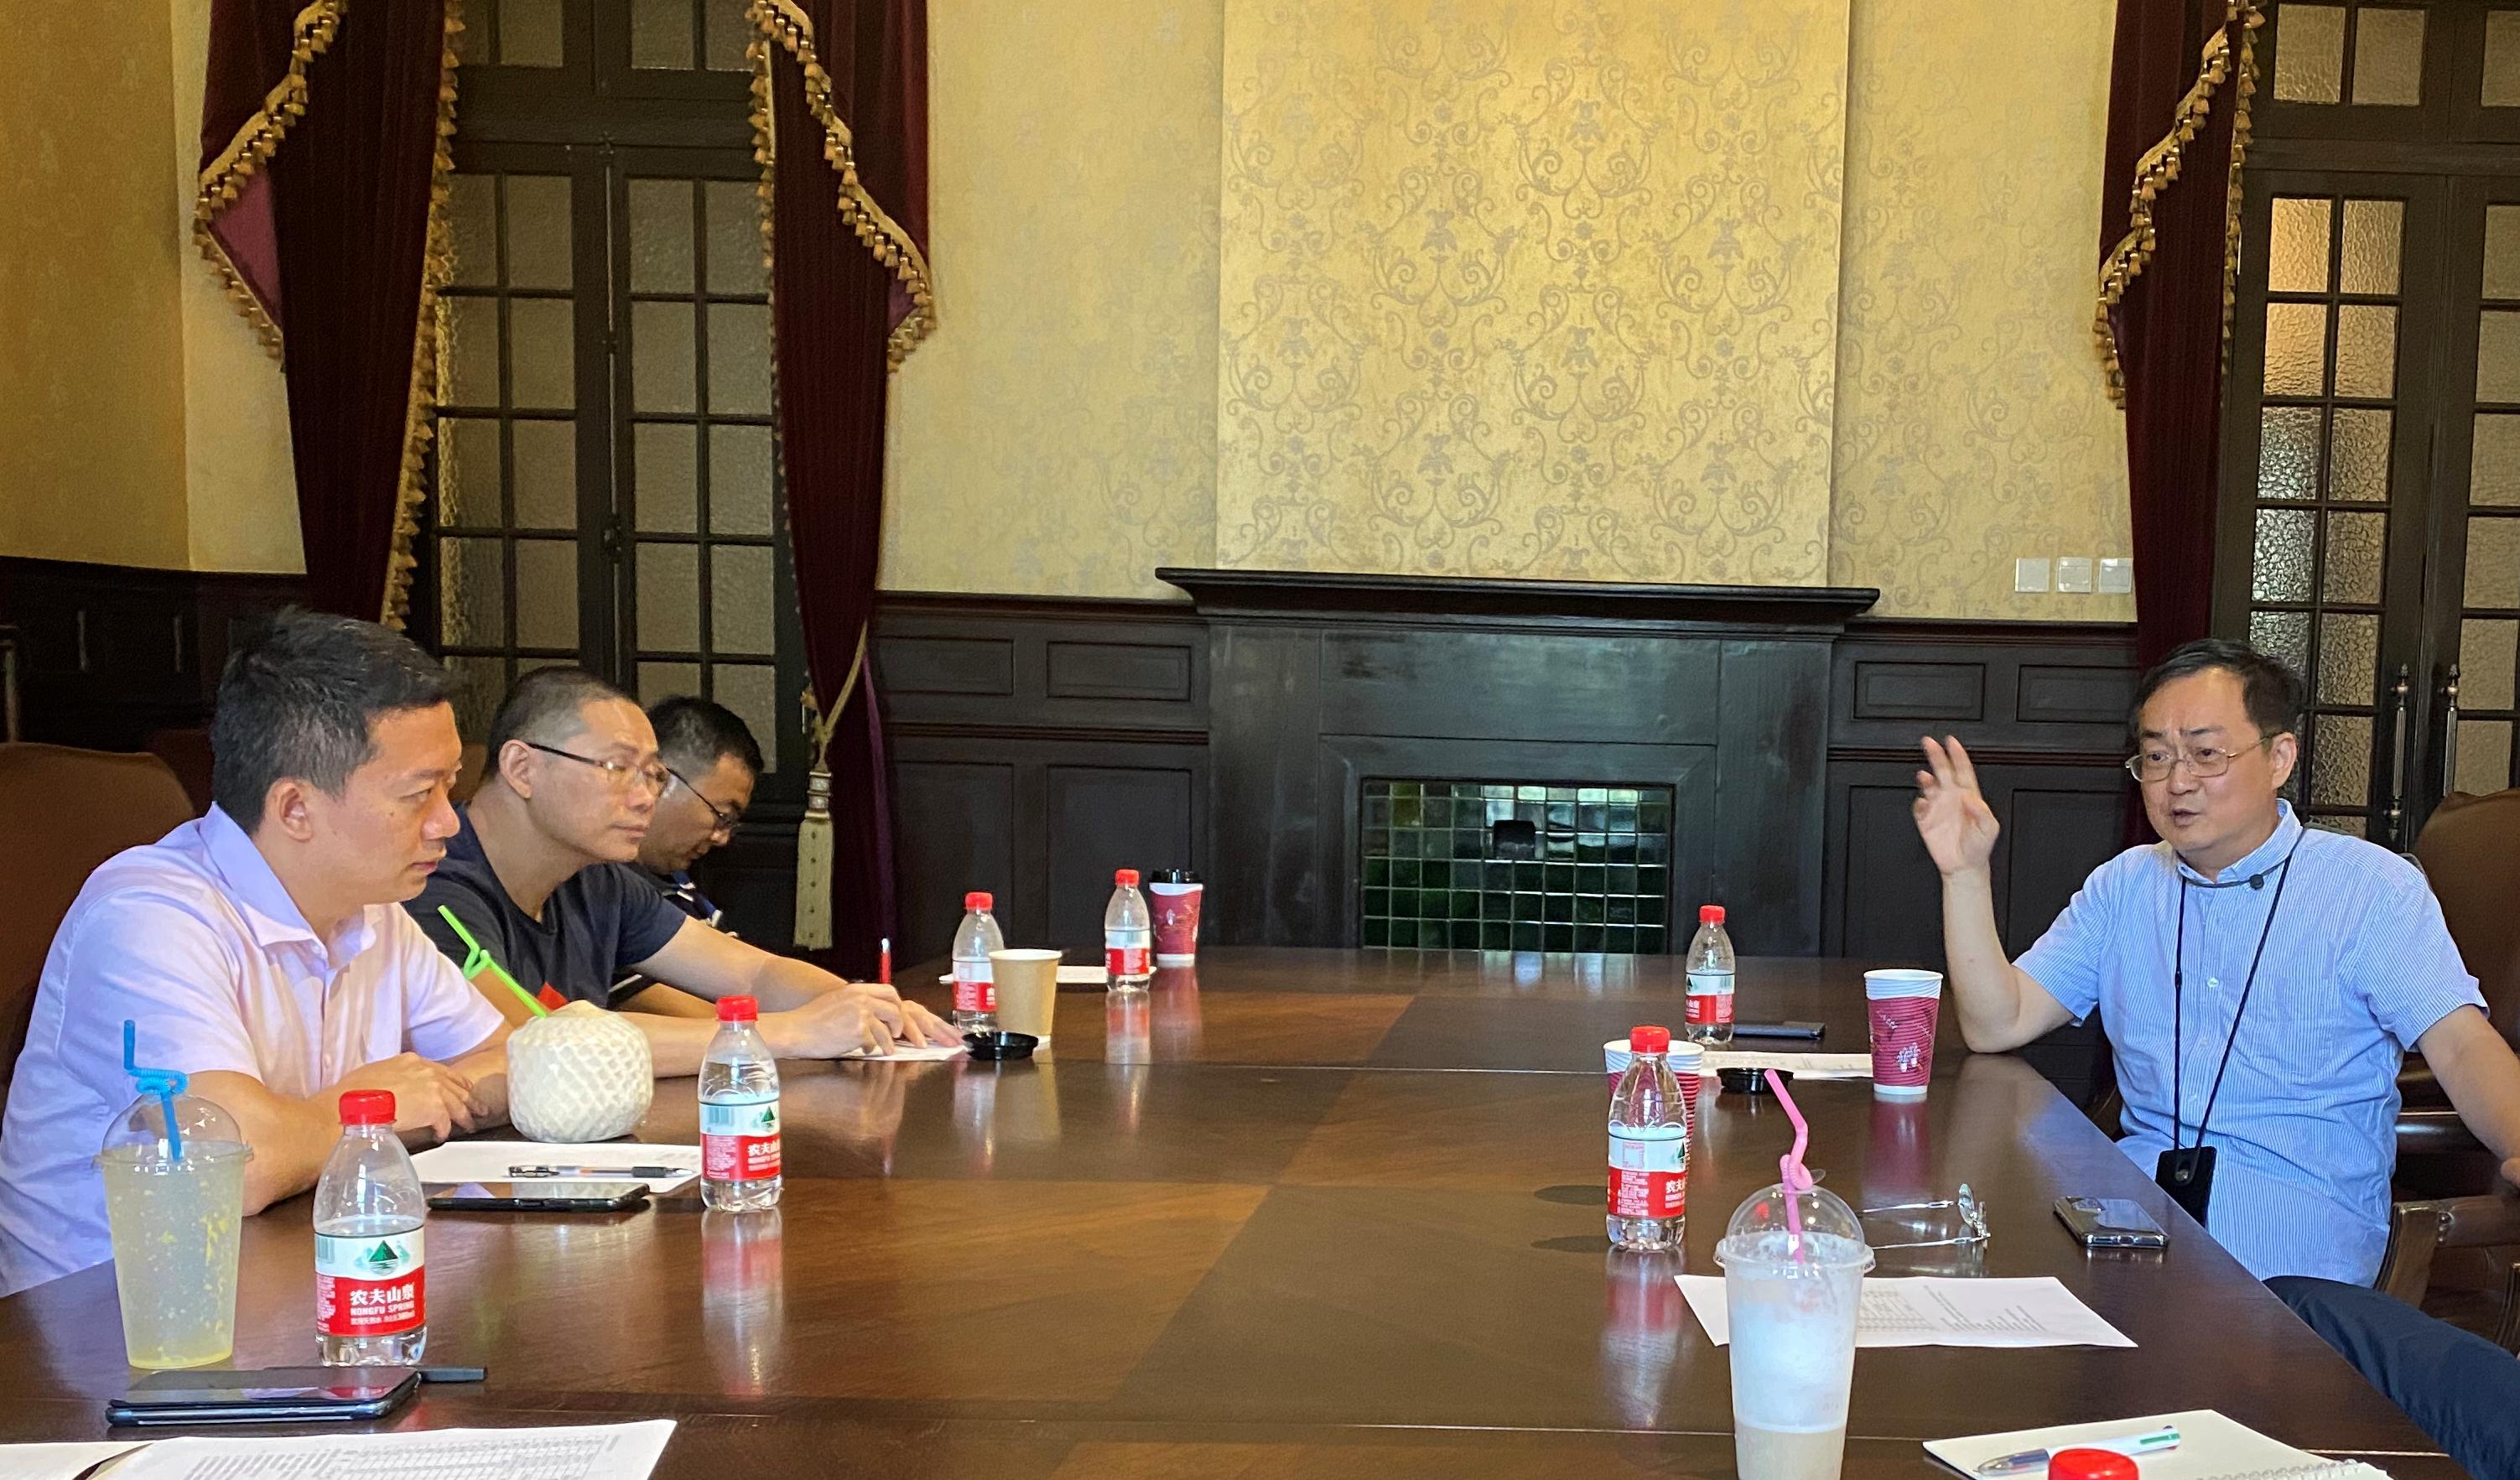 上海市环境科学学会化学品污染物排放毒性鉴定与风险防控专业委员会筹备组第二次会议顺利召开